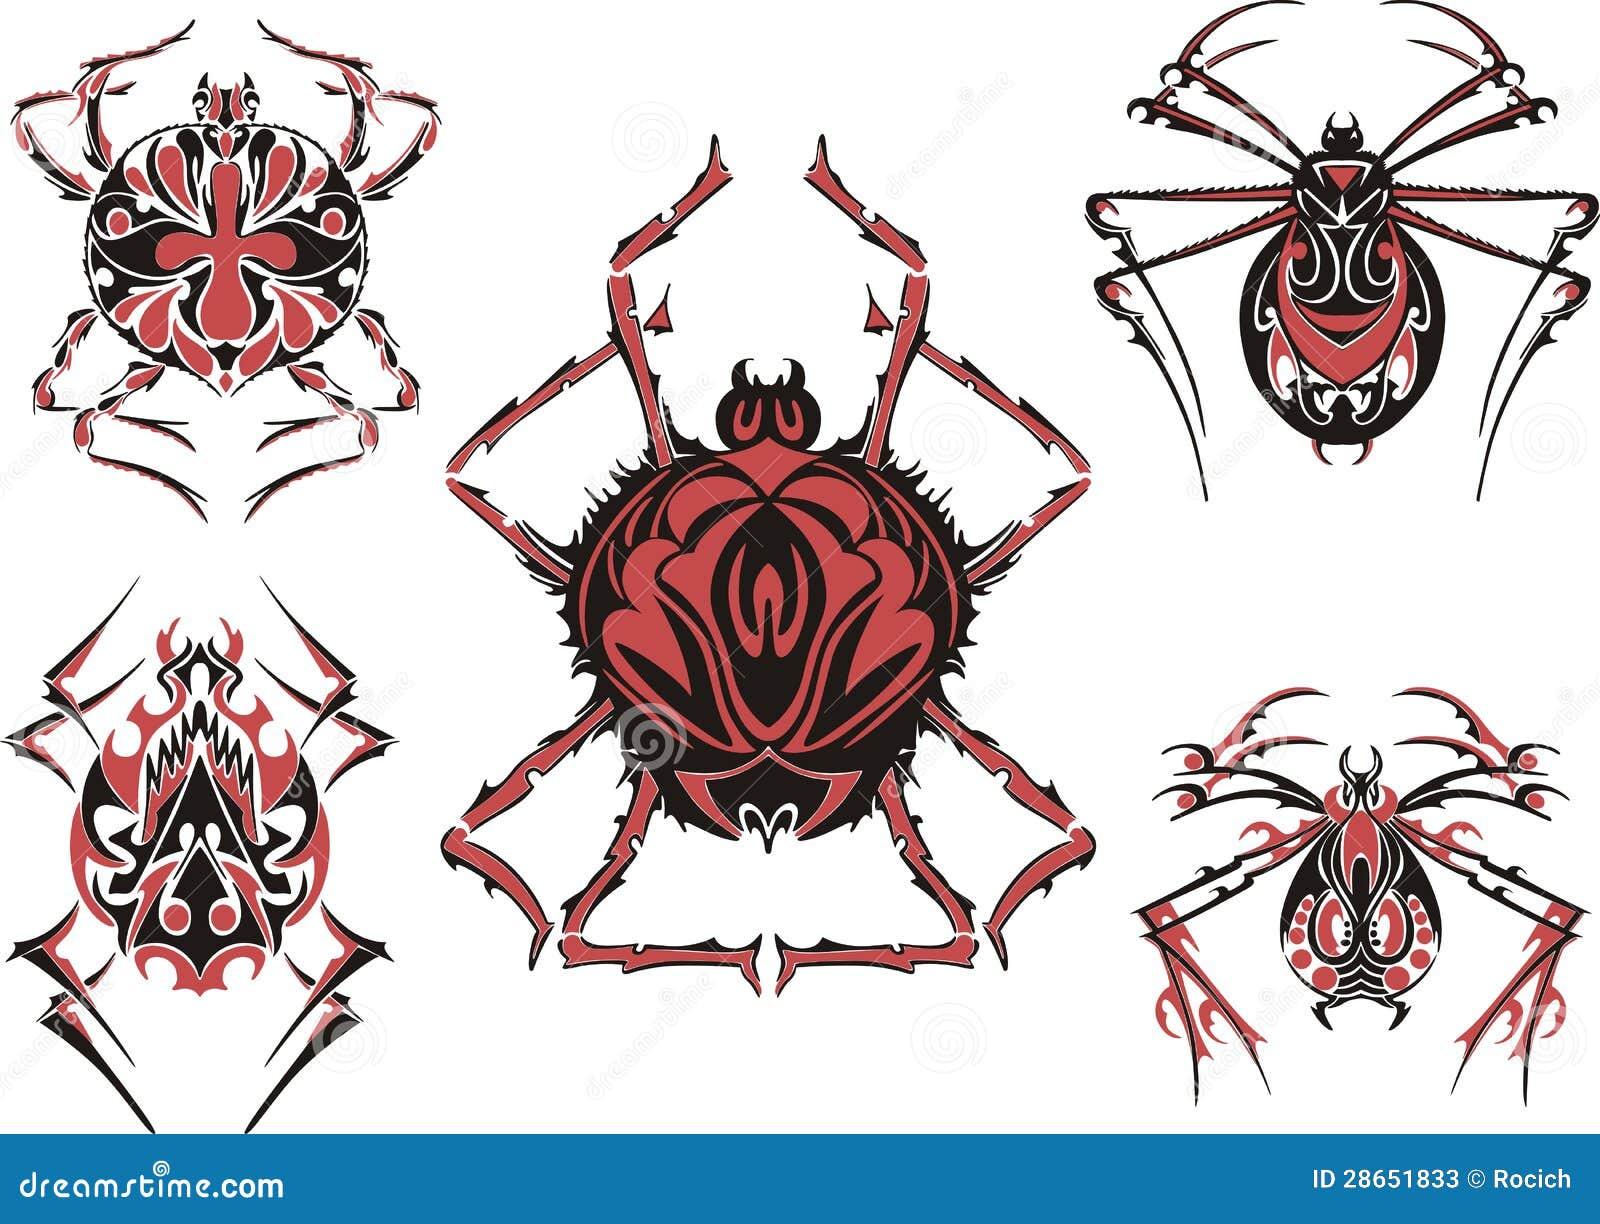 Tatuagens simétricos pretos e vermelhos da aranha